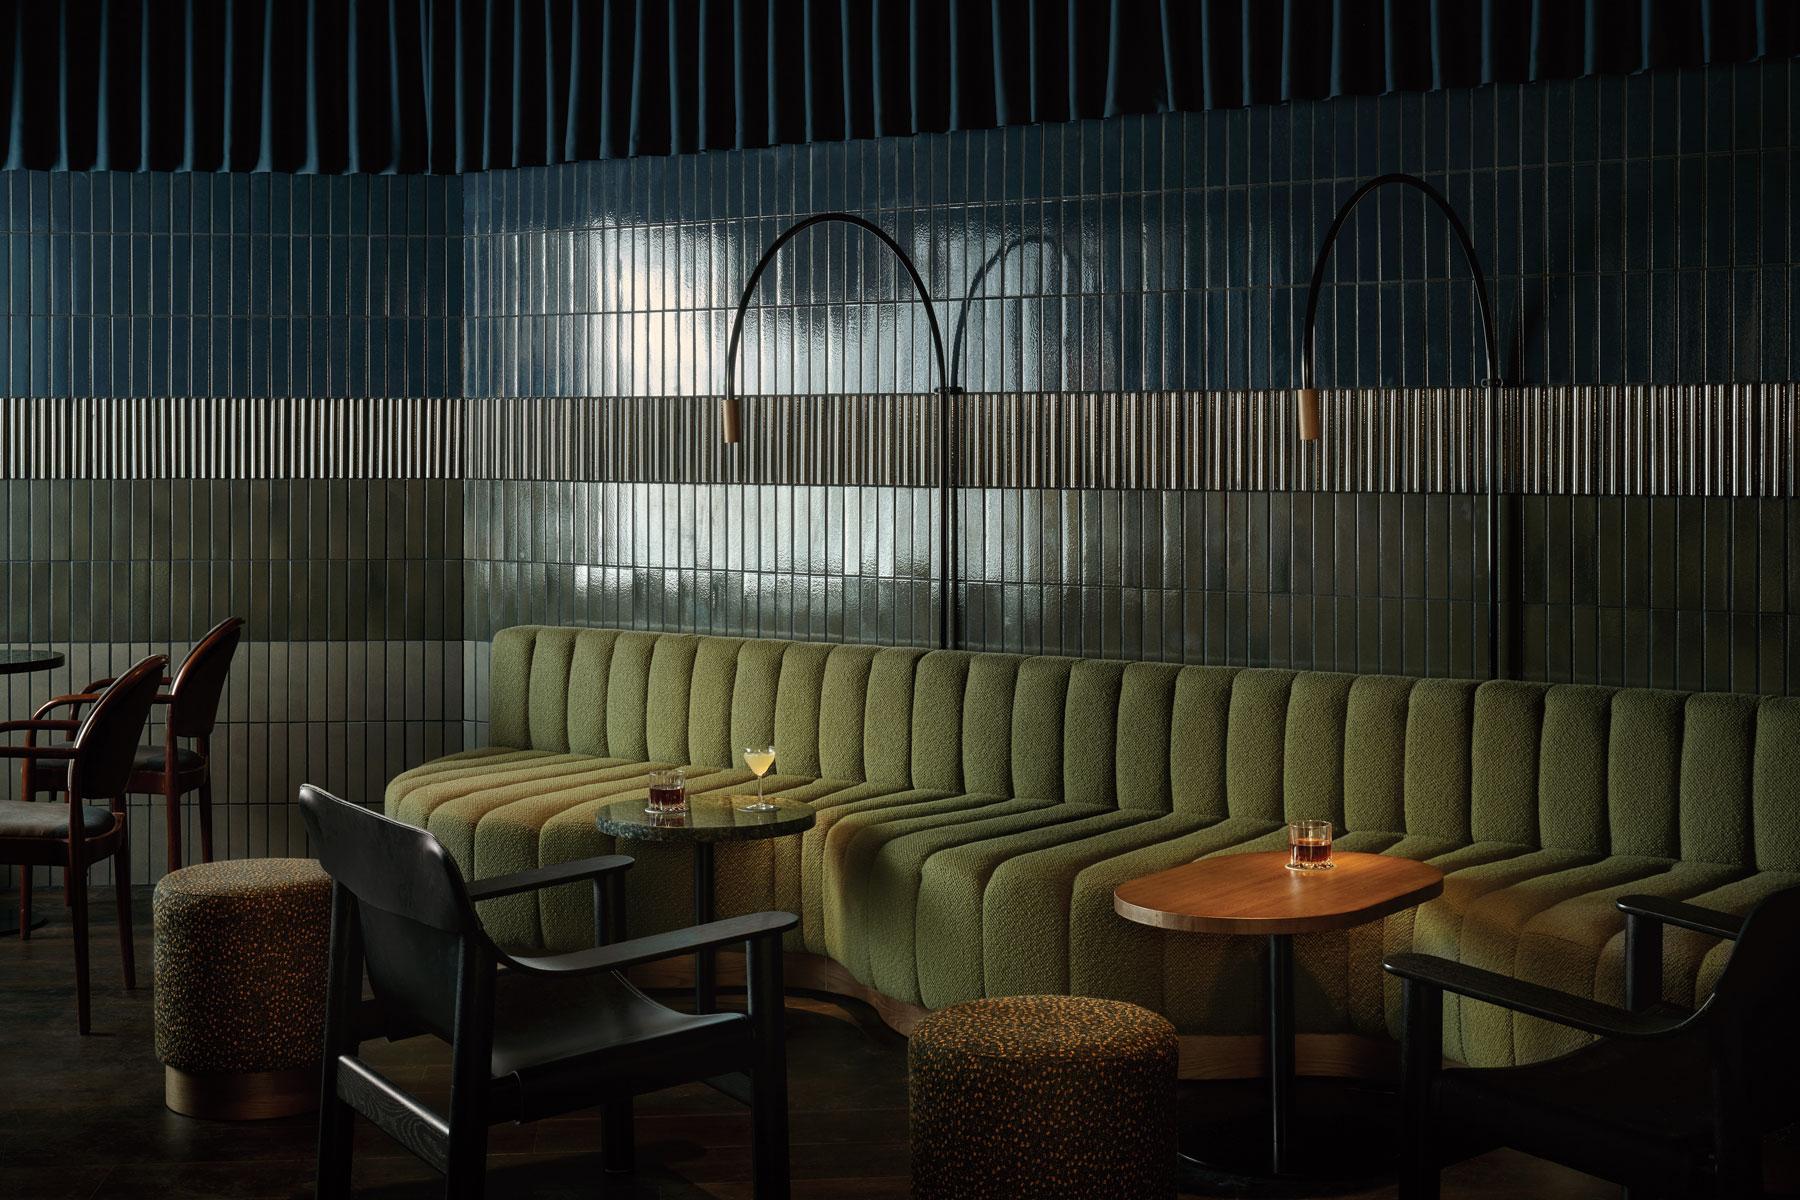 Bardem Cocktail Bar, Helsinki Interiors, Fyra, Photo Riikka Kantinkoski | Yellowtrace